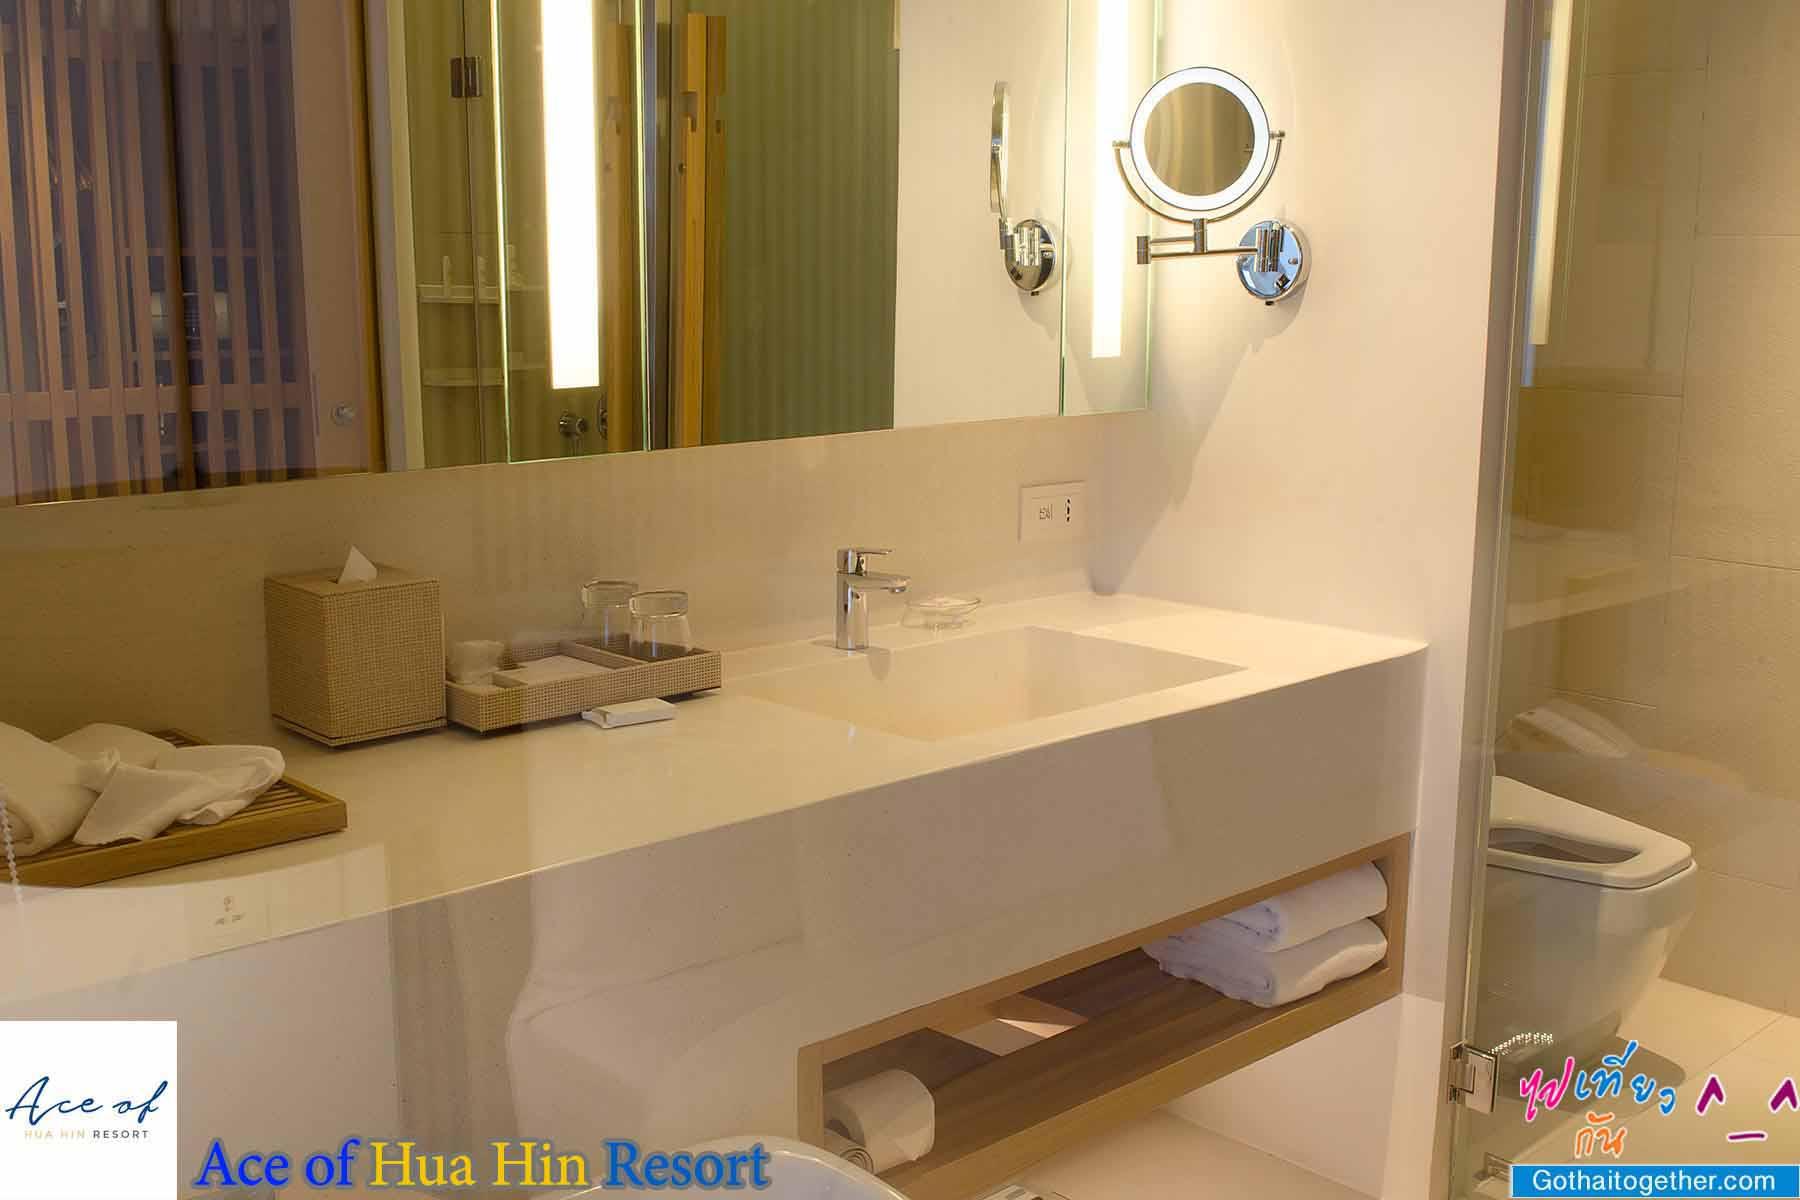 5 จุดเช็คอิน ทะเลใกล้กรุง พักผ่อนมีระดับ ชมวิวชิลไปกับ Ace of Hua Hin Resort 227